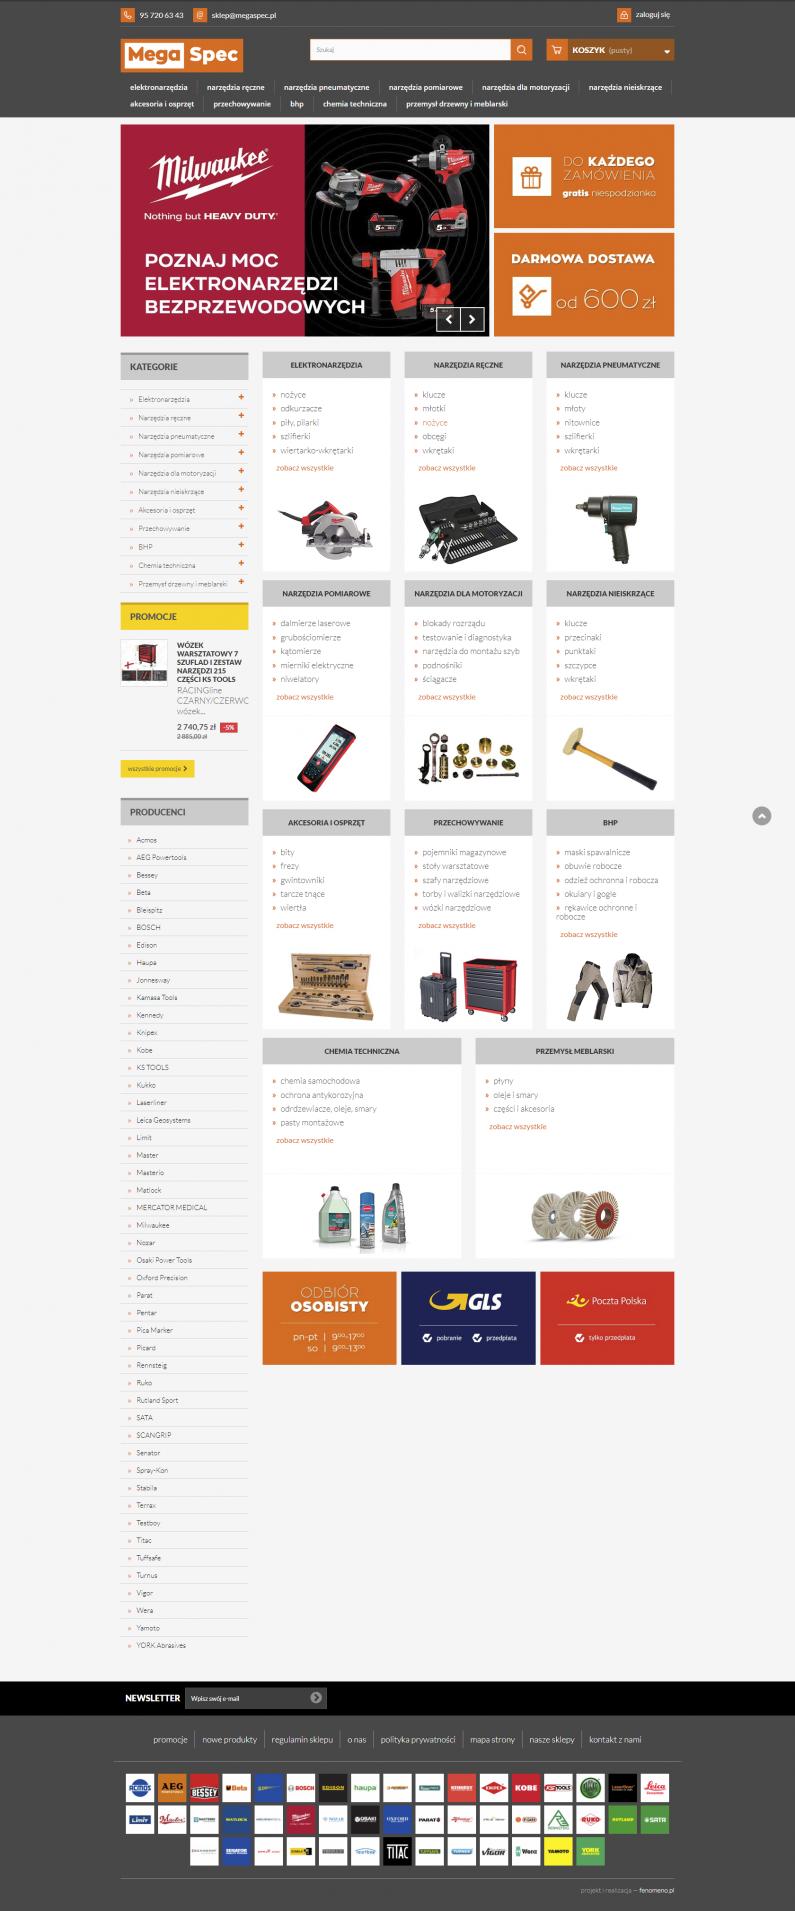 sklep internetowy megaspec.pl - strona główna